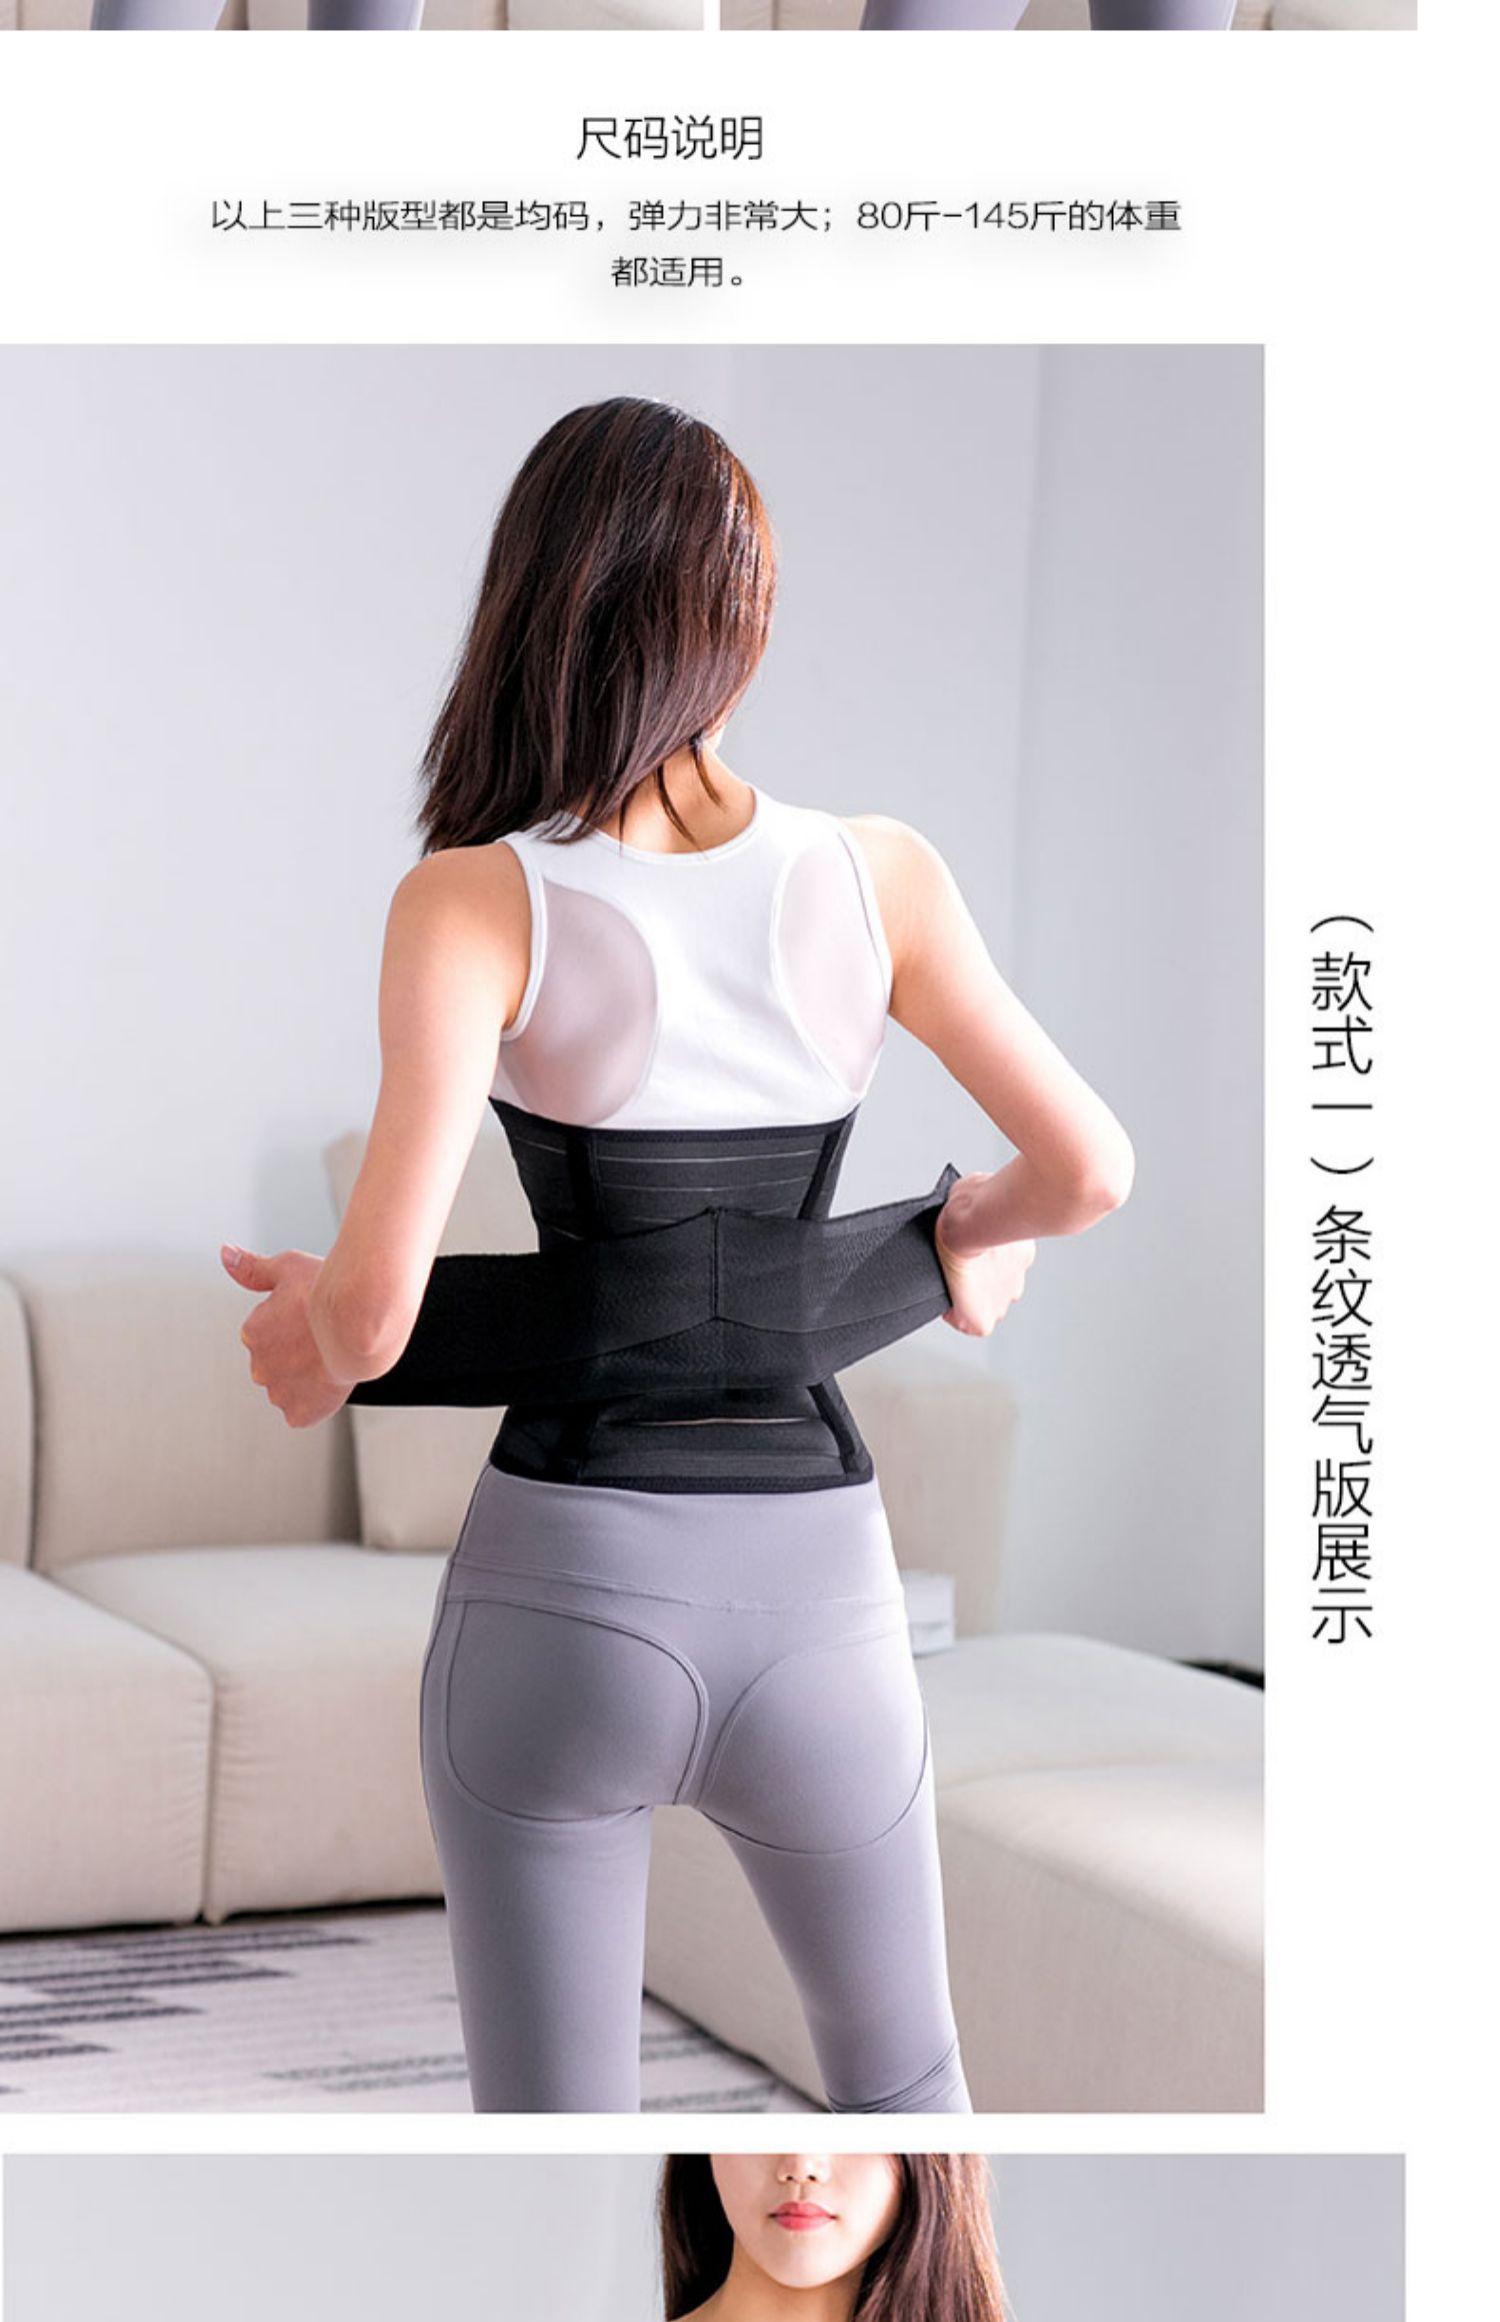 专业健身束腰带运动腰封产后收腹绑带深蹲硬拉透气护腰女塑身衣商品详情图